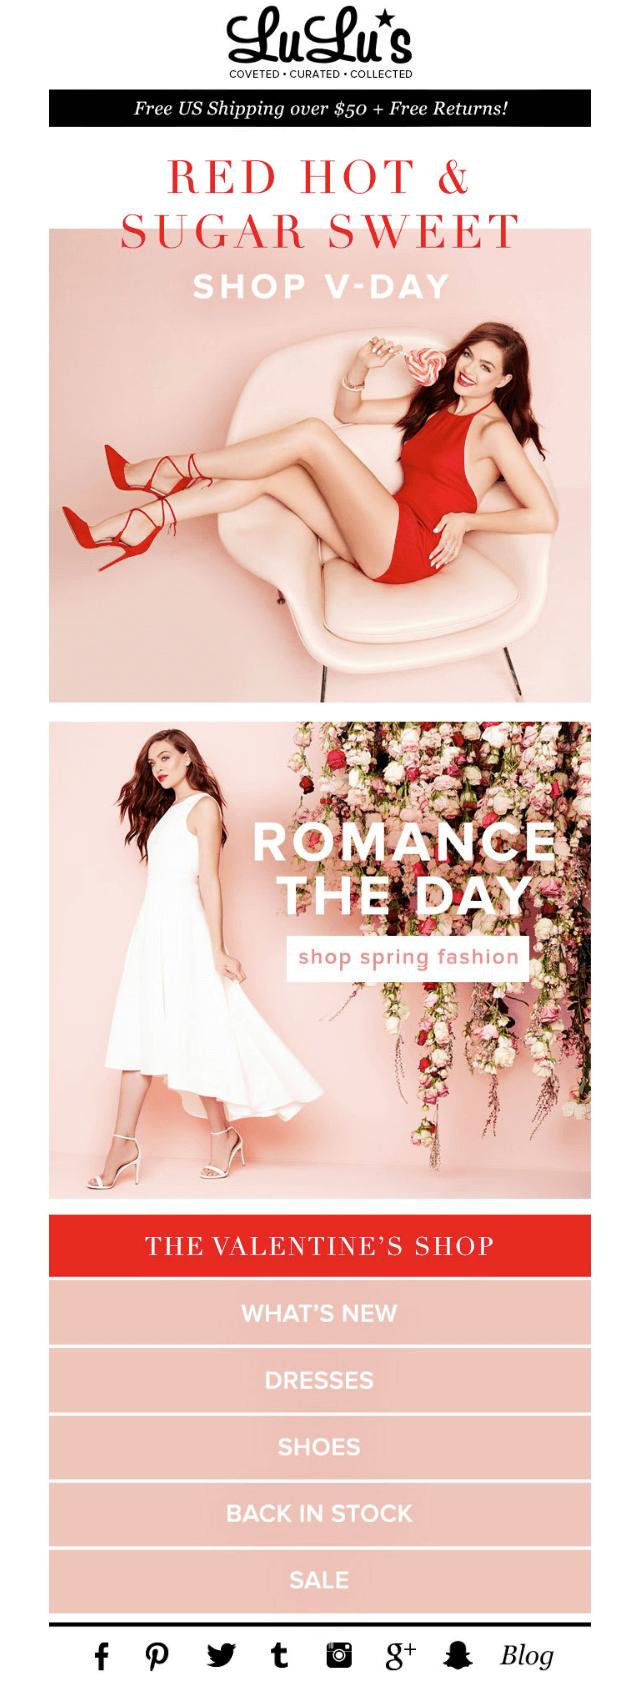 valentines-day-newsletter-lulus